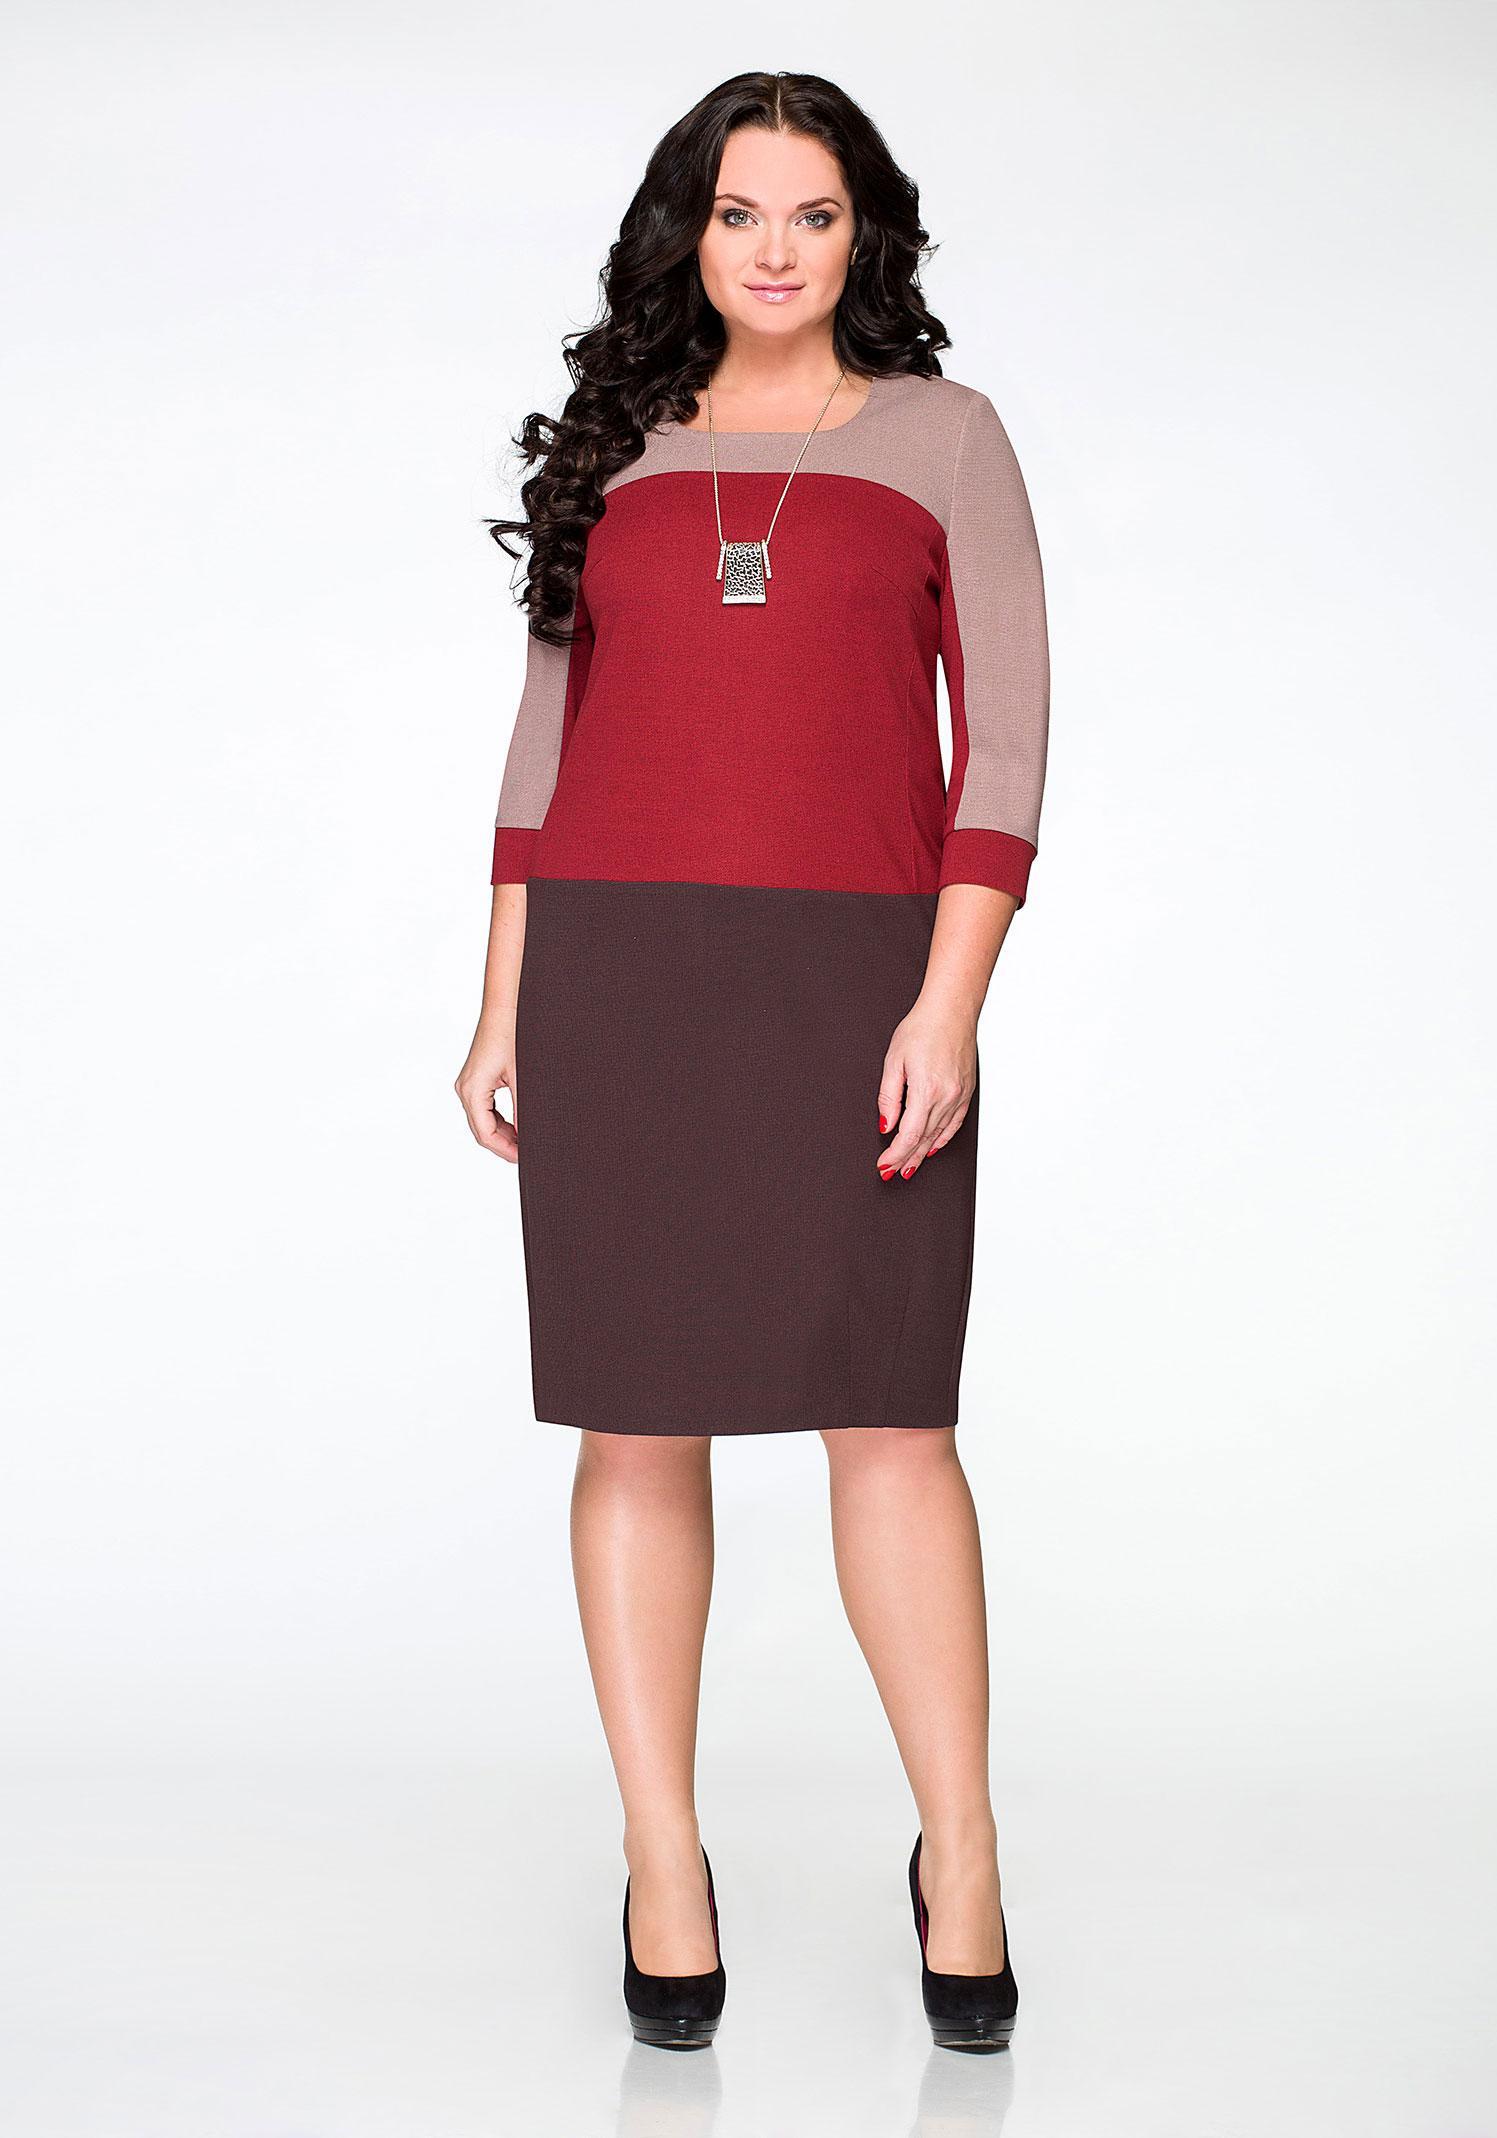 Платье женское. Модель 335280